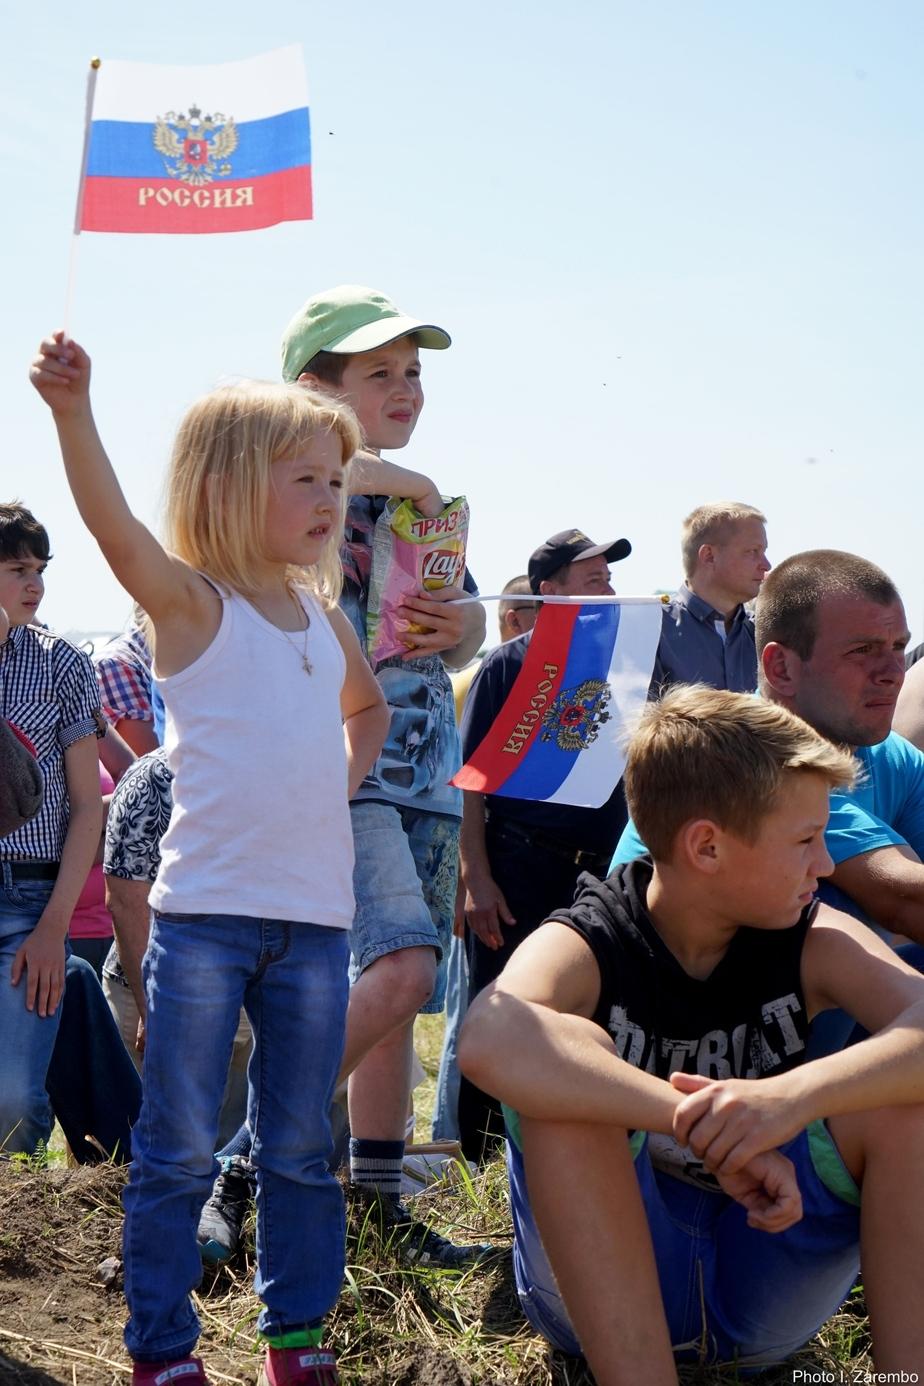 Исследование: меньше половины калининградцев ощущают себя россиянами - Новости Калининграда